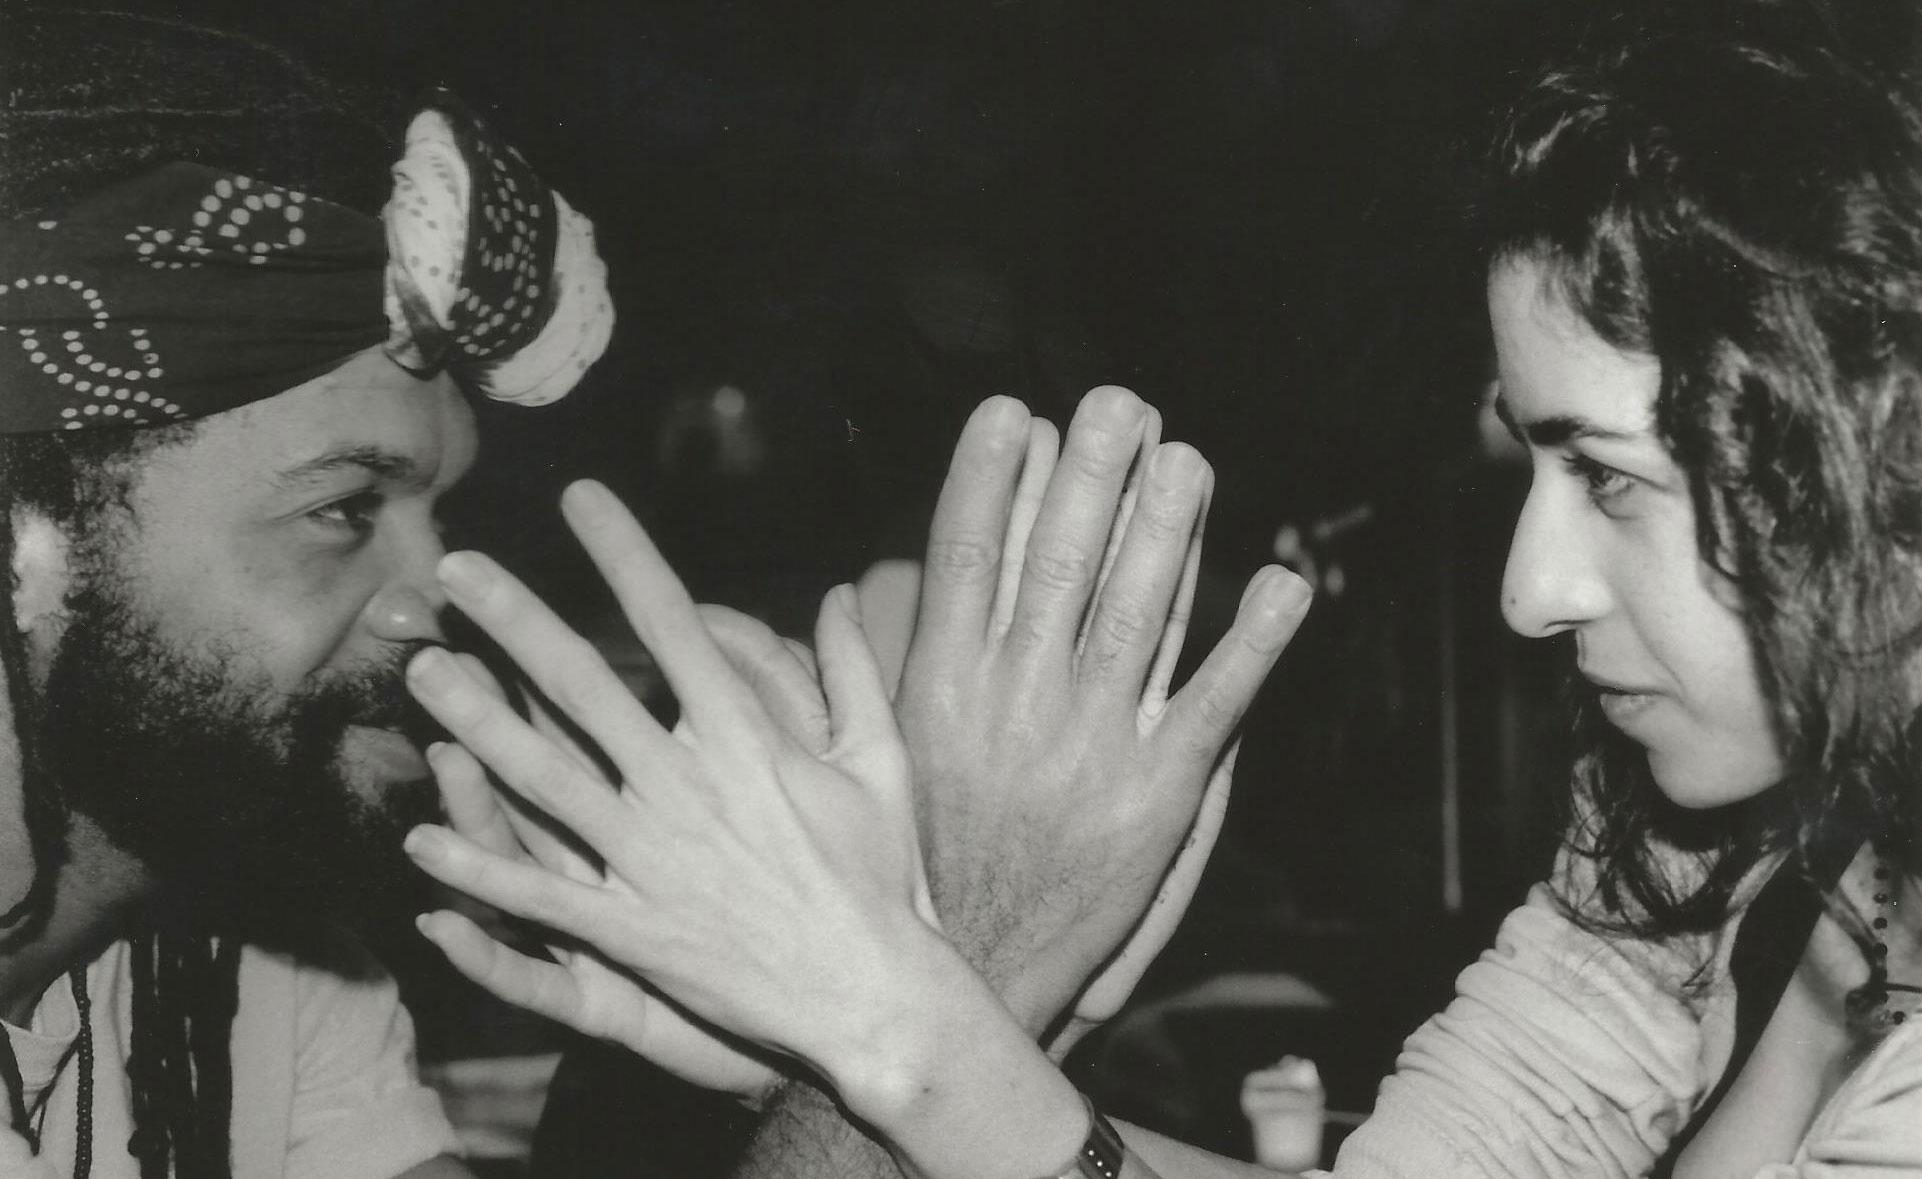 1998 Carlinhos Brown e Marisa Monte gravacao Omelete Man 2